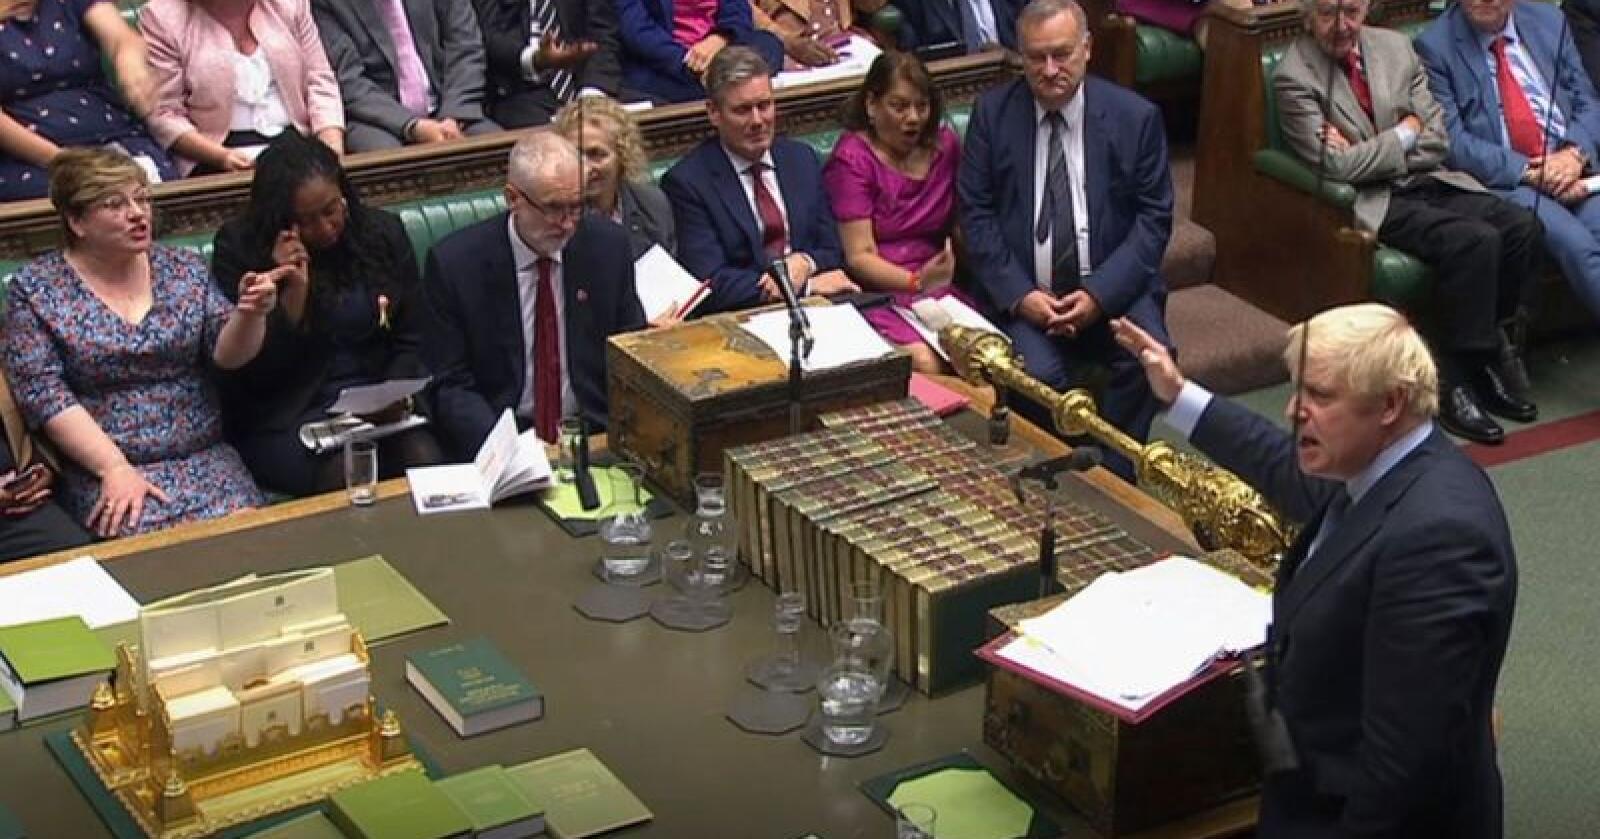 Statsminister Boris Johnson (stående til høyre) og opposisjonsleder Jeremy Corbyn (tvers overfor), gikk i verbal klinsj allerede i spørretimen midt på dagen. Utover ettermiddagen og kvelden onsdag blir det nye konfrontasjoner i kampen om den videre brexitprosessen. Foto: Underhuset / PA / AP / NTB scanpix